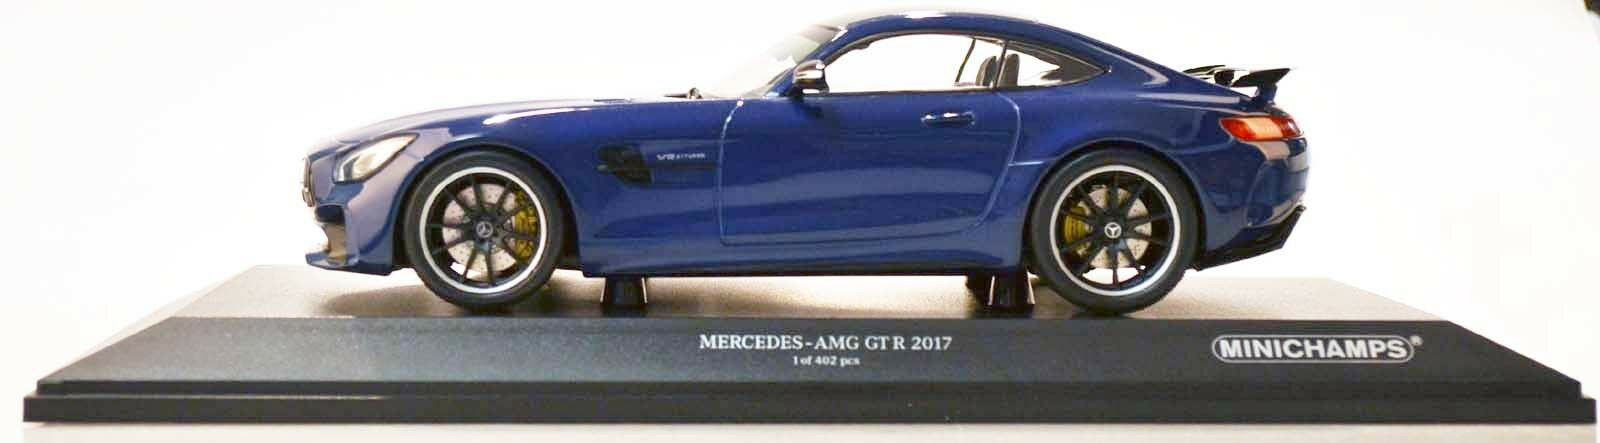 Minichamps 155036022 Mercedes-AMG GT R 2017 azul metalizado 1 18 nuevo en el embalaje original